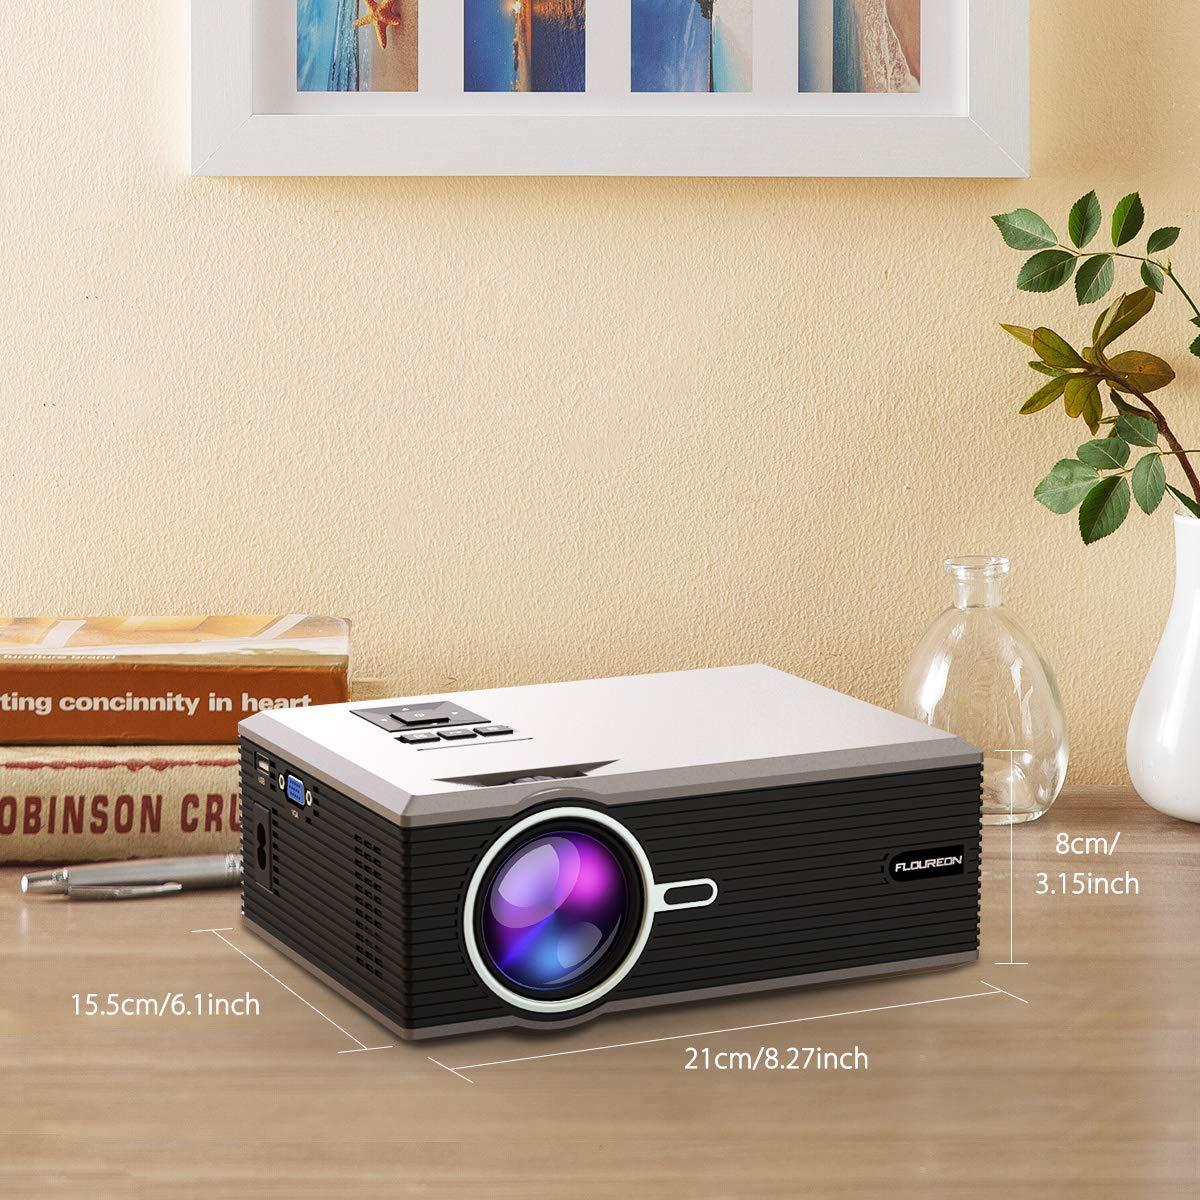 FLOUREON 1200 Lumen Mini Beamer, 1080P Full HD Home cinema Videoproiettore, 30,000 orario, minore LCD proiettore collegamento con VGA, USB, HDMI, SD, AV, supporto Telefono DVD TV bastone, nero, argento